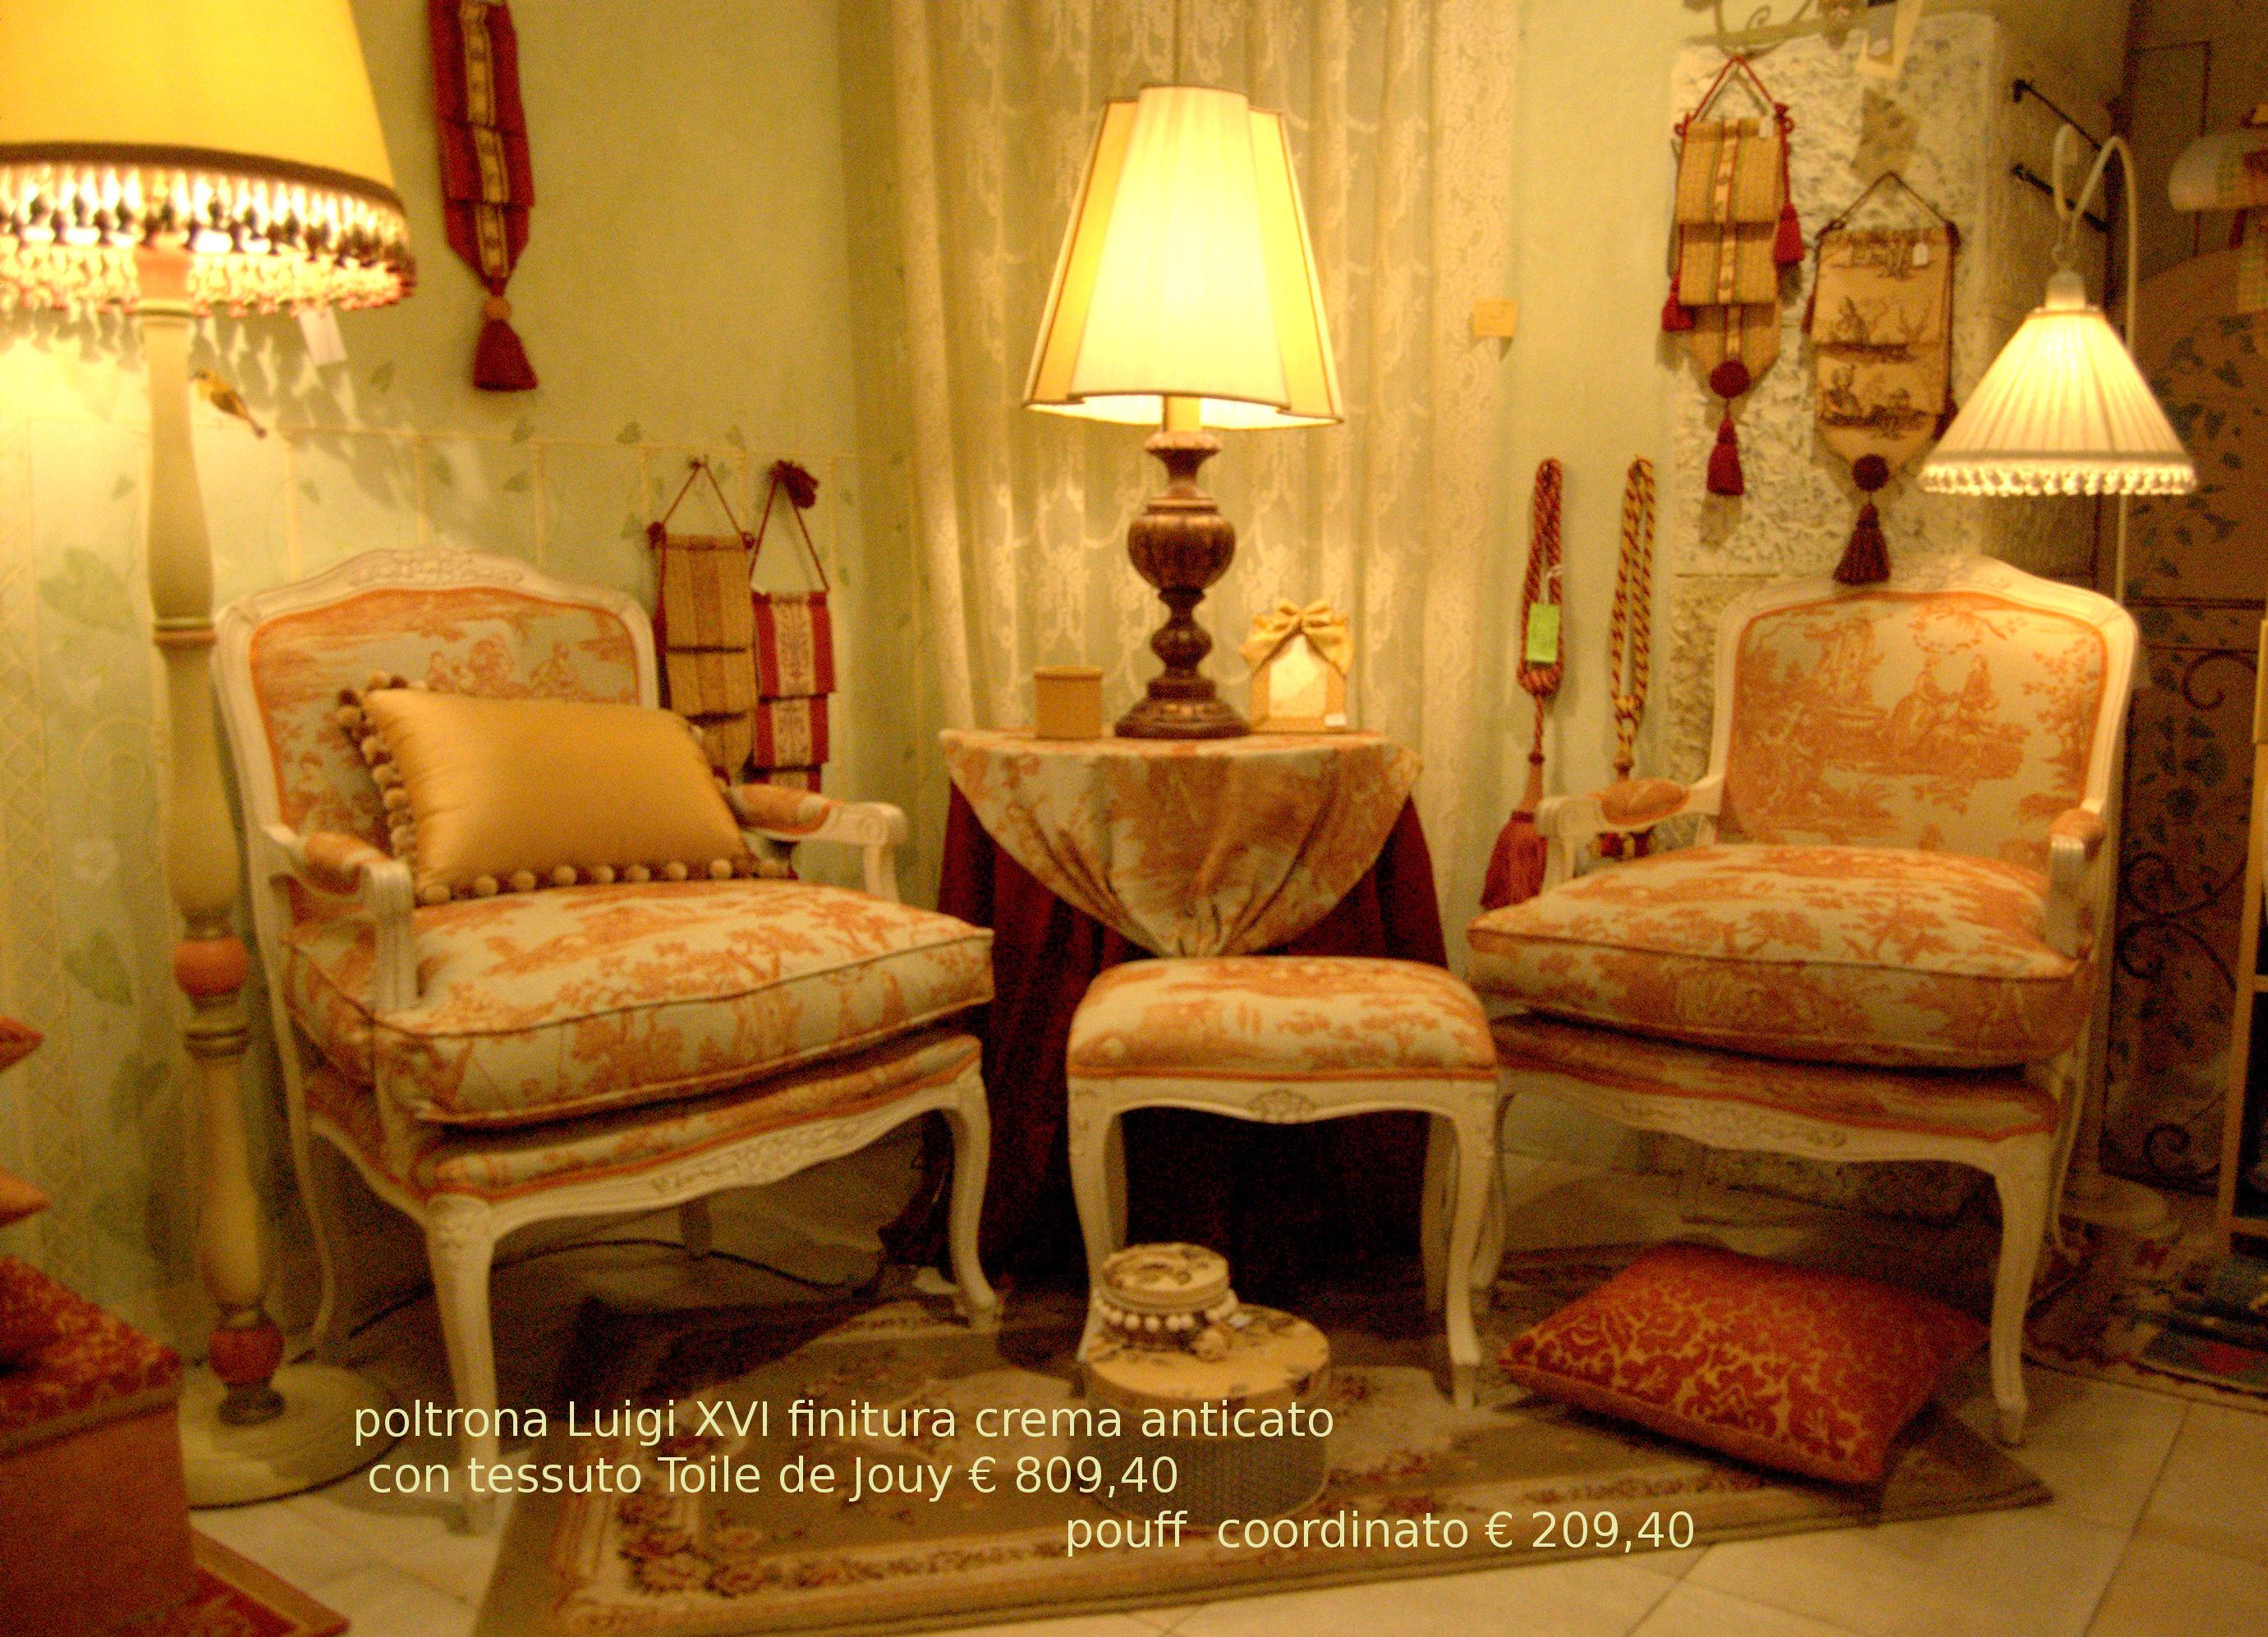 Divani country vendita on line idee per il design della casa - Tessuti per divani vendita on line ...